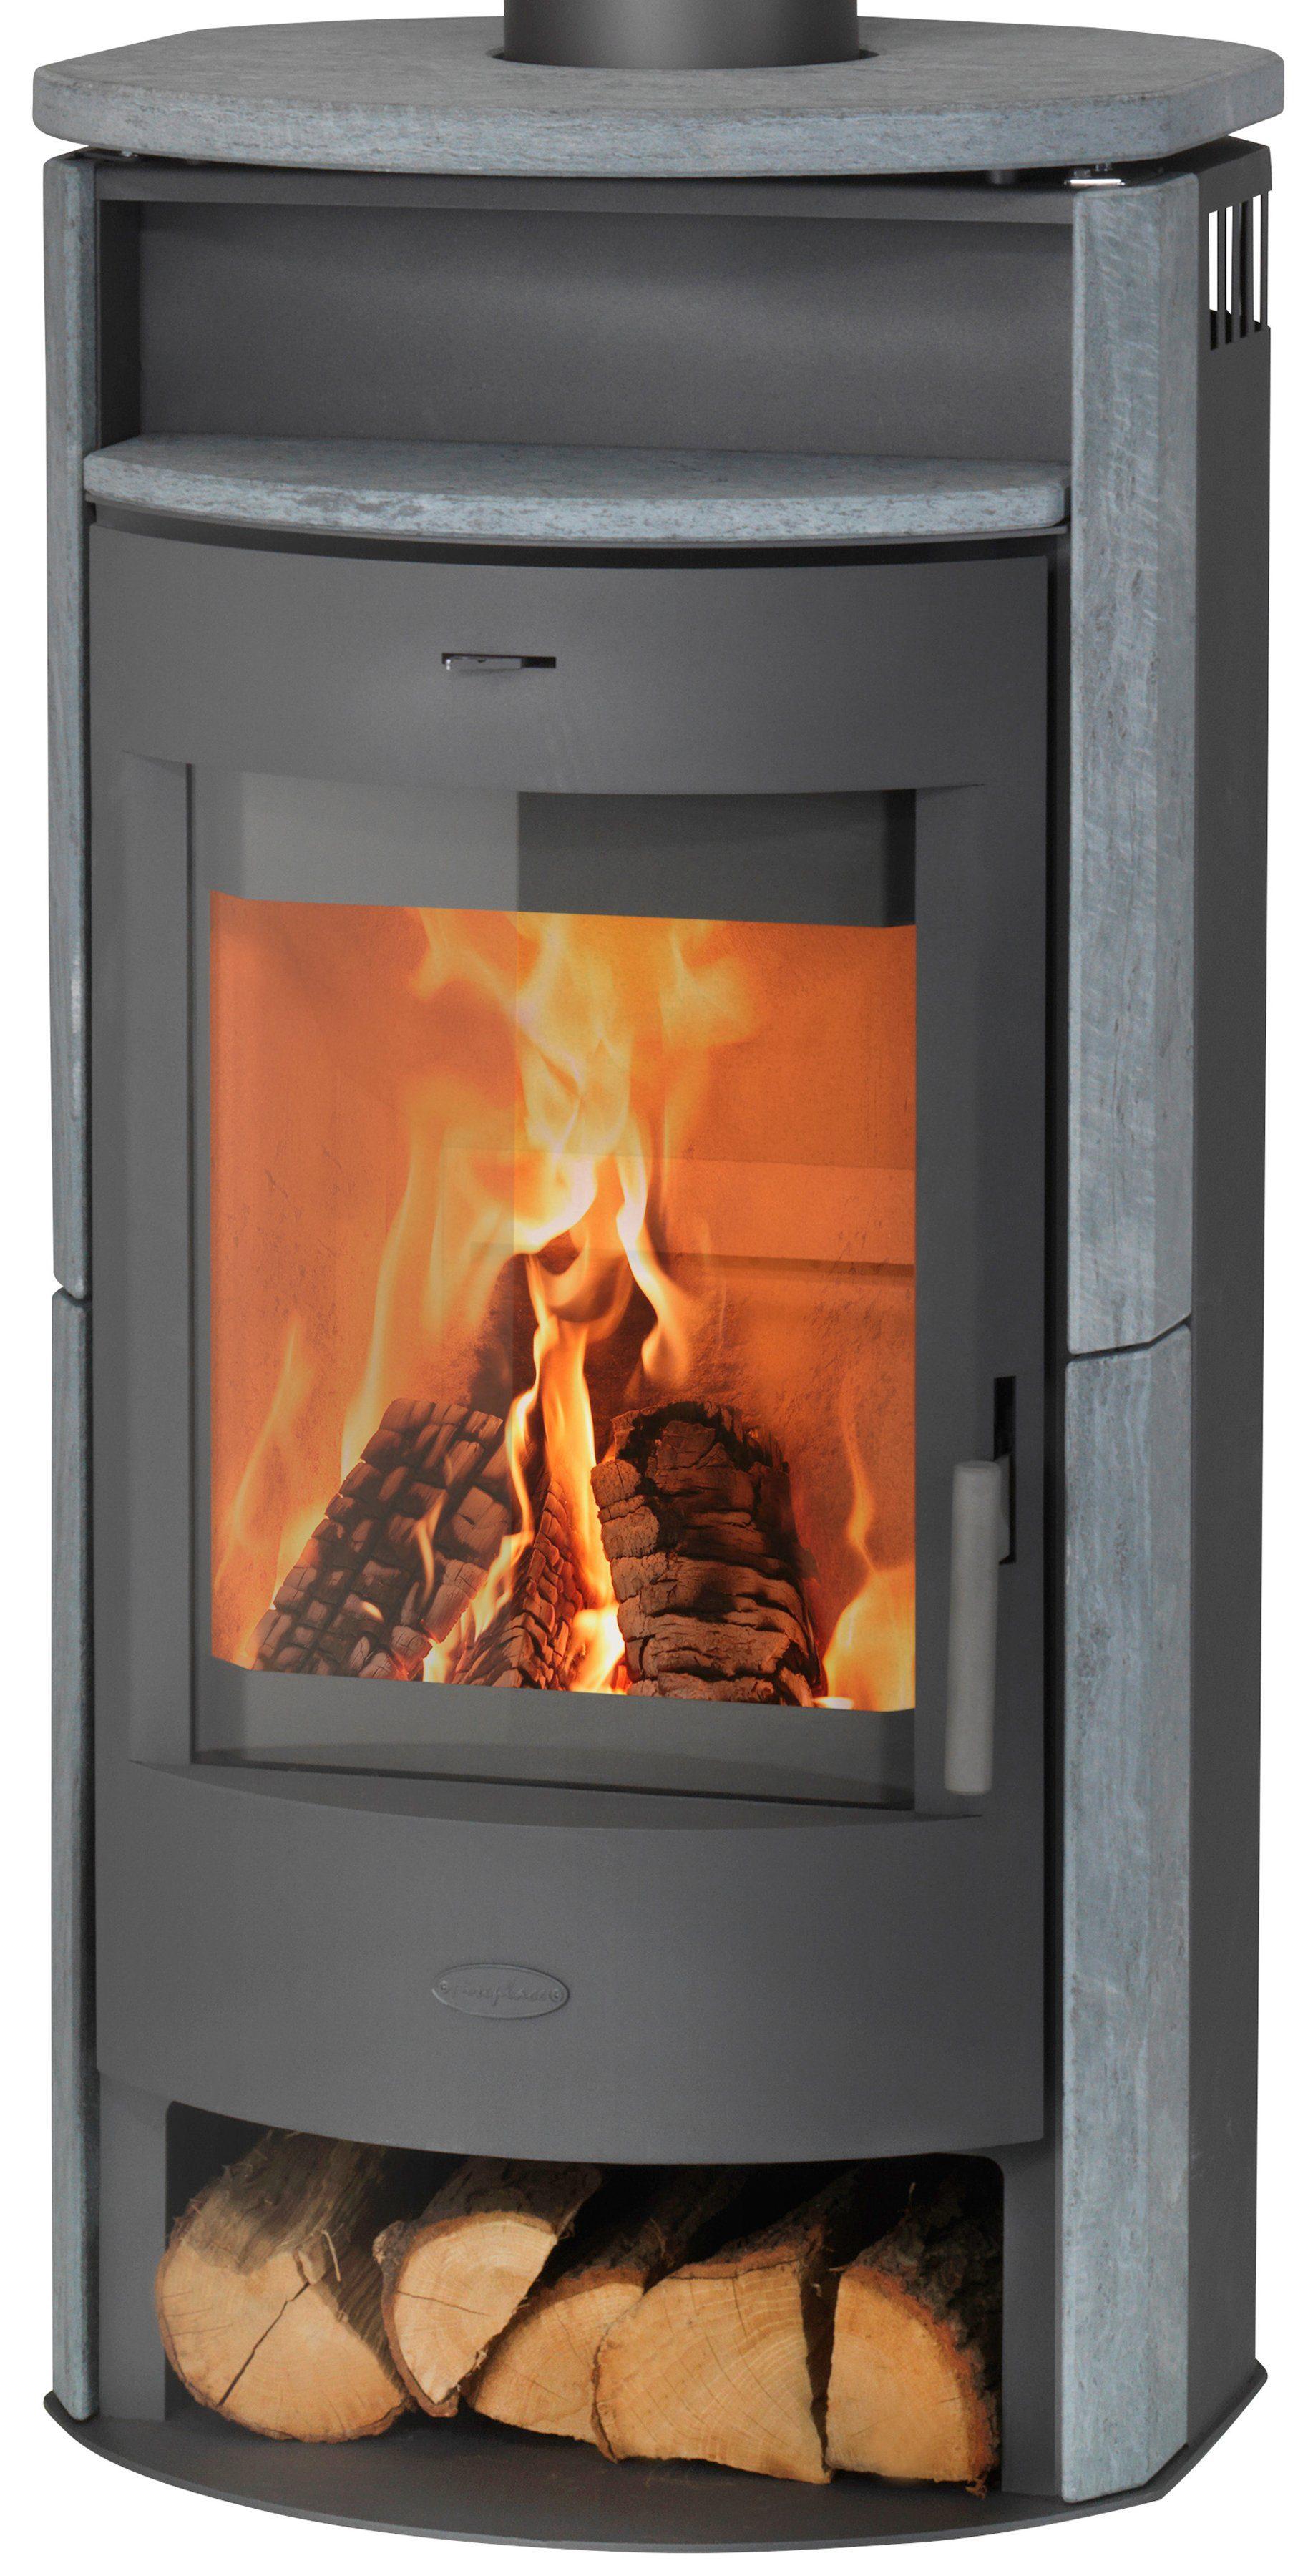 fireplace kaminofen prag naturstein 6 kw panoramasichtscheibe online kaufen otto. Black Bedroom Furniture Sets. Home Design Ideas